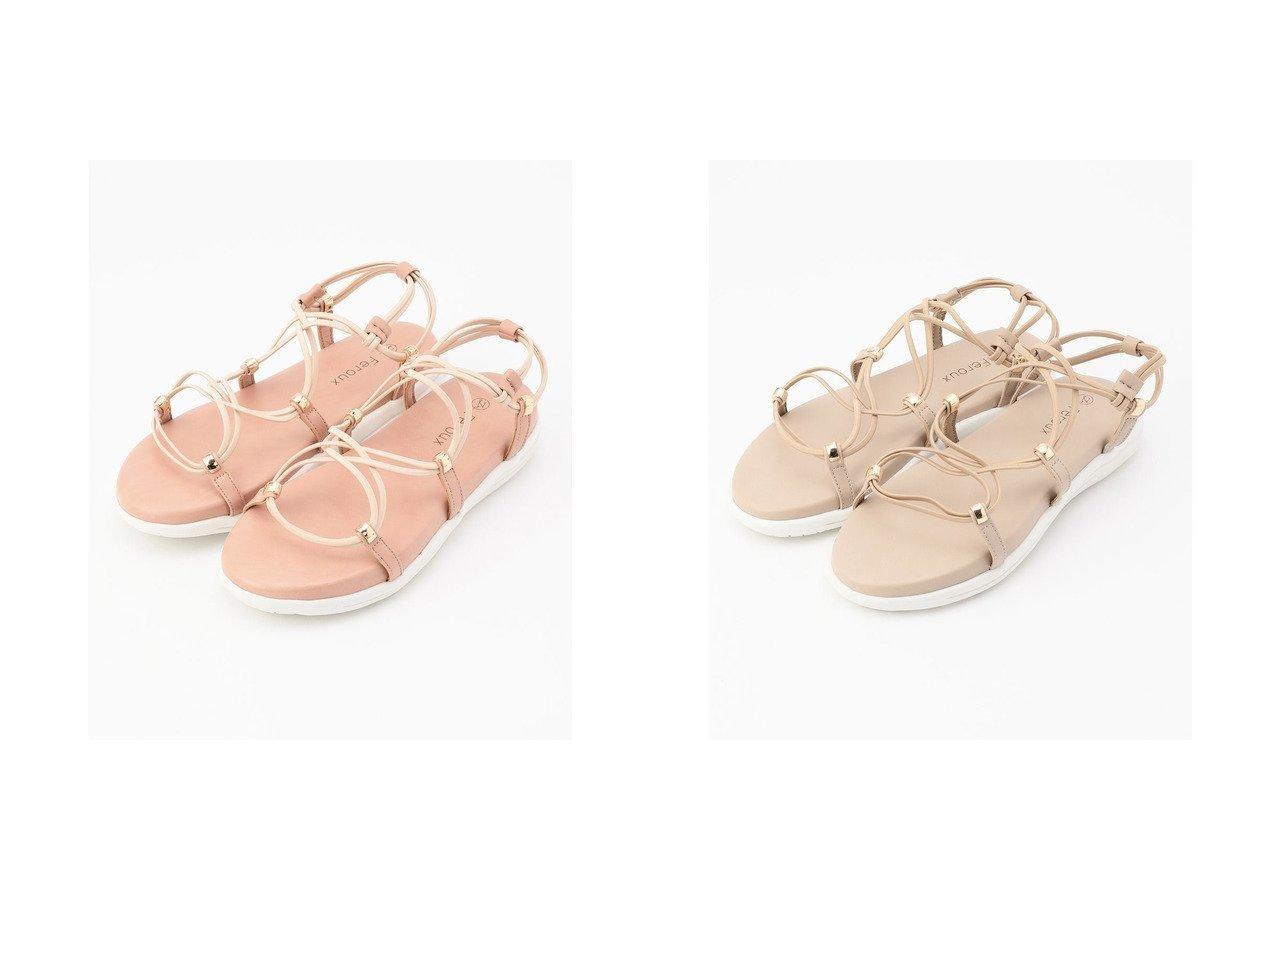 【Feroux/フェルゥ】のFeroux メタルゴムラインスポーツ サンダル 【シューズ・靴】おすすめ!人気、トレンド・レディースファッションの通販 おすすめで人気の流行・トレンド、ファッションの通販商品 インテリア・家具・メンズファッション・キッズファッション・レディースファッション・服の通販 founy(ファニー) https://founy.com/ ファッション Fashion レディースファッション WOMEN スポーツウェア Sportswear サンダル / ミュール Sandals 2021年 2021 2021春夏・S/S SS/Spring/Summer/2021 S/S・春夏 SS・Spring/Summer サンダル フェイクレザー フェミニン メタル 夏 Summer 春 Spring 軽量  ID:crp329100000048149